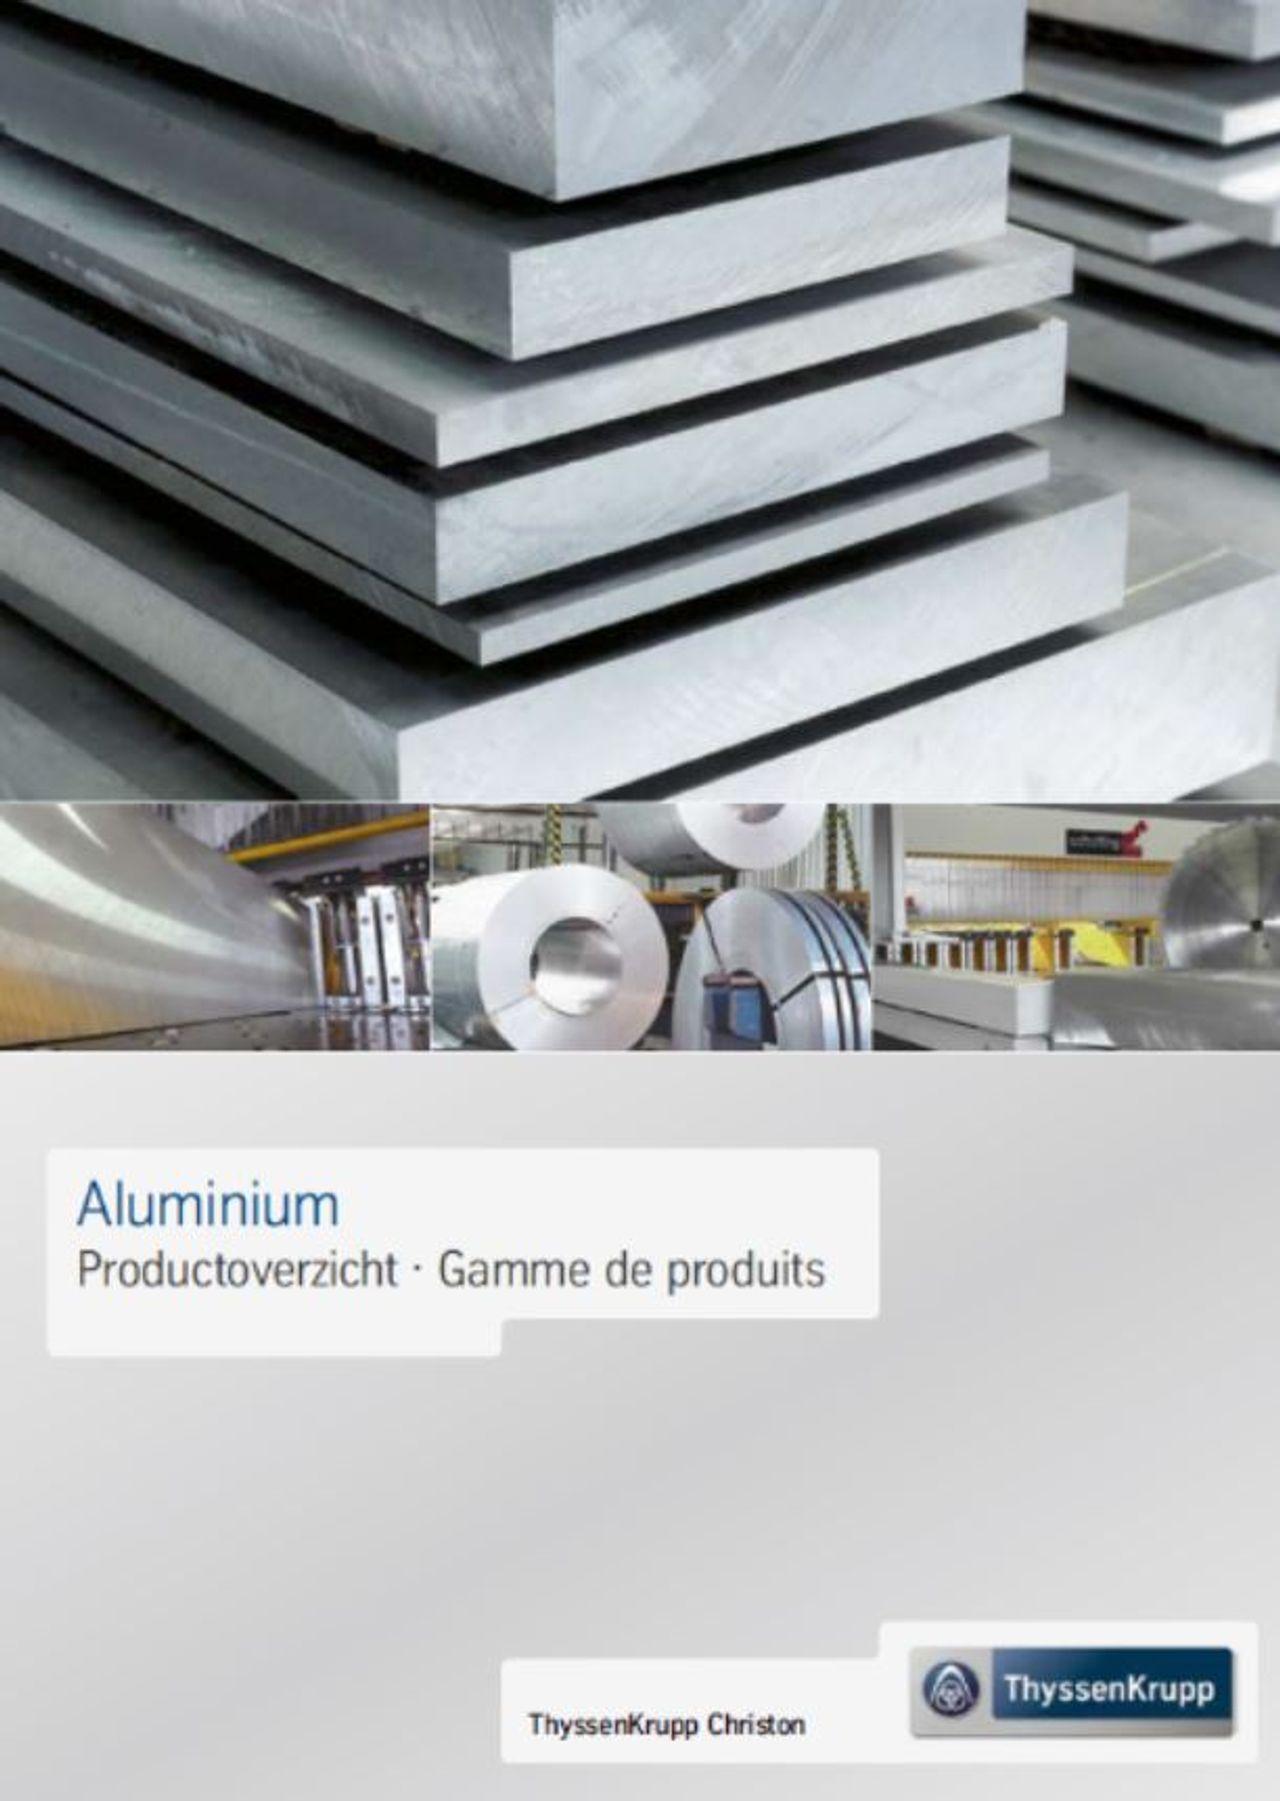 Aluminium - Productoverzicht/Gamme de produits (NL/FR)